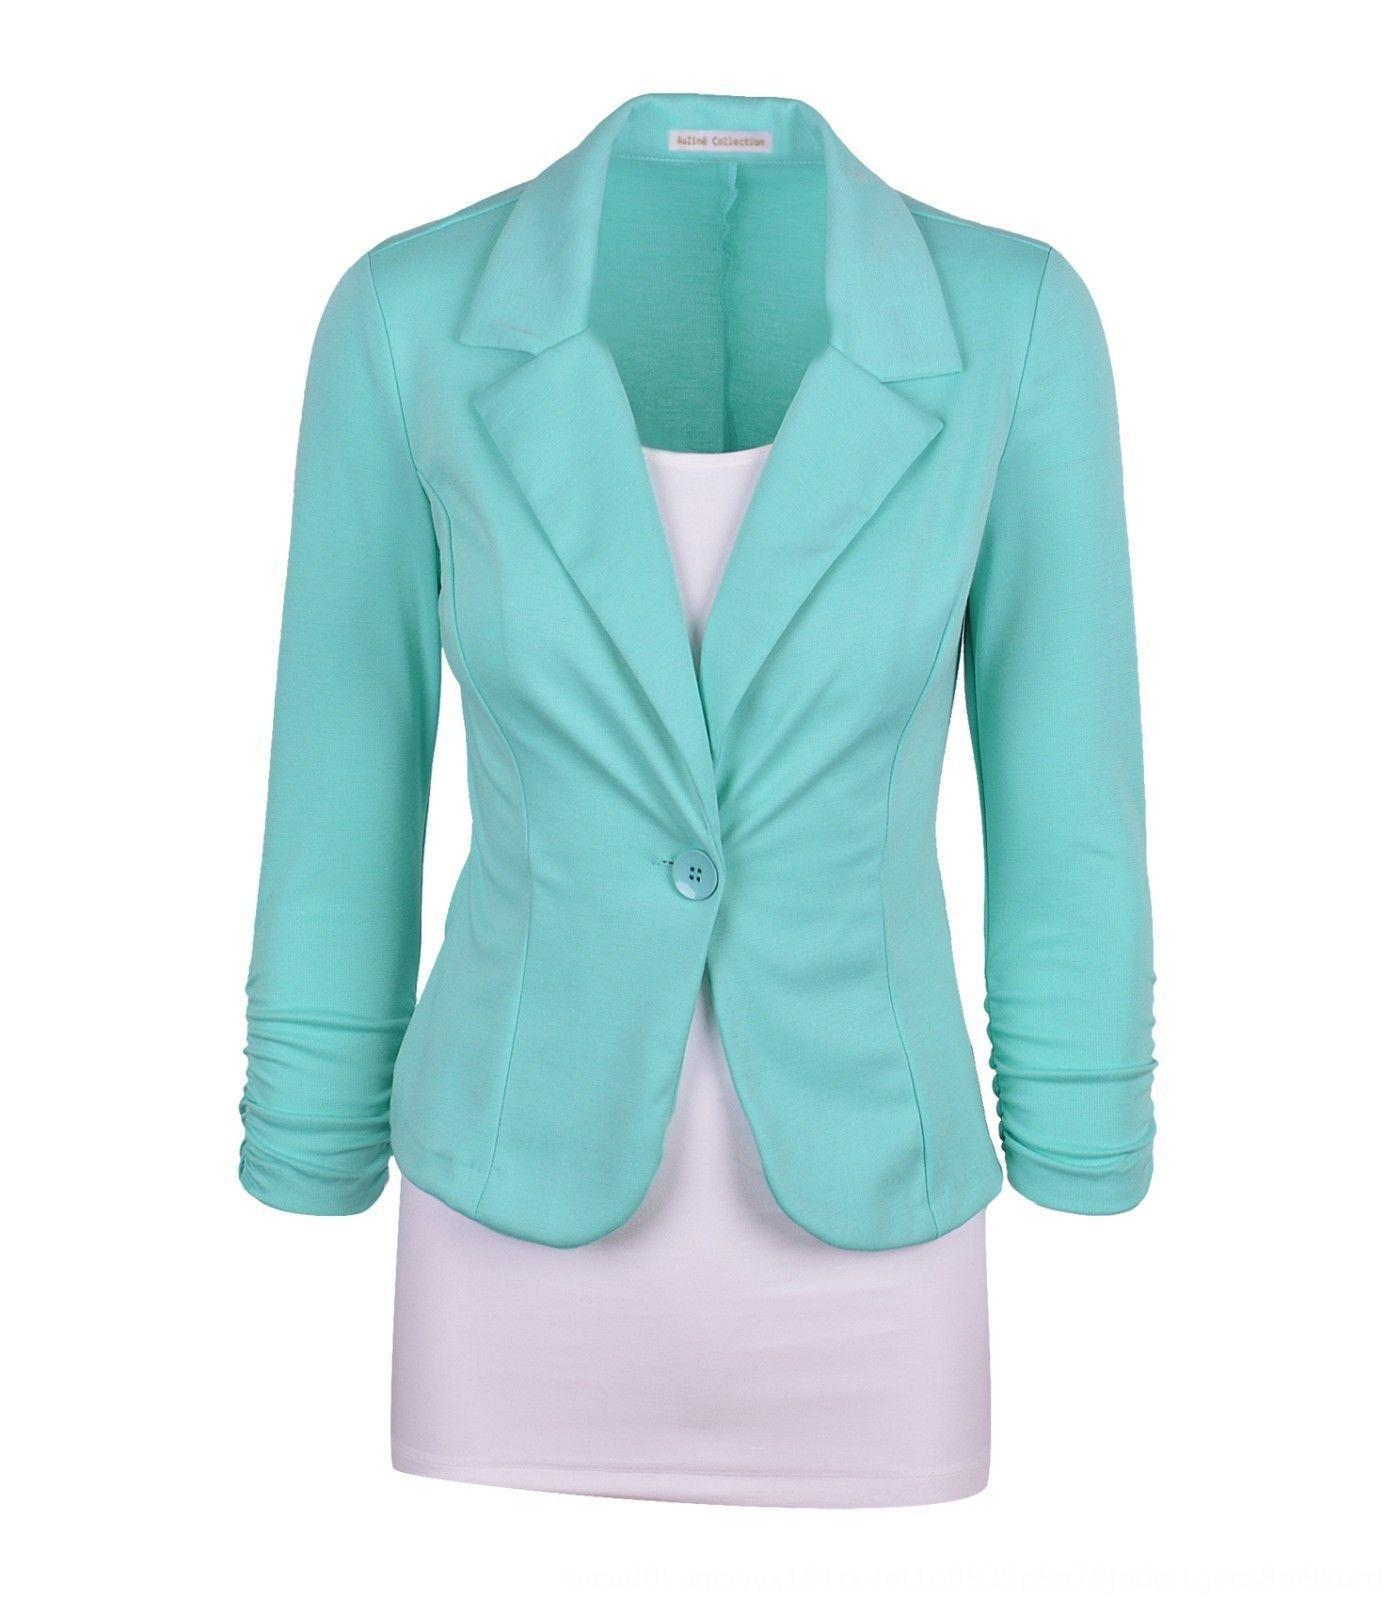 E8kBi 2020 пригонки одна кнопка маленький костюм для женщин специальное предложение 2020 пригонки одна кнопка маленький костюм для женщин специальное предложение куртка куртка